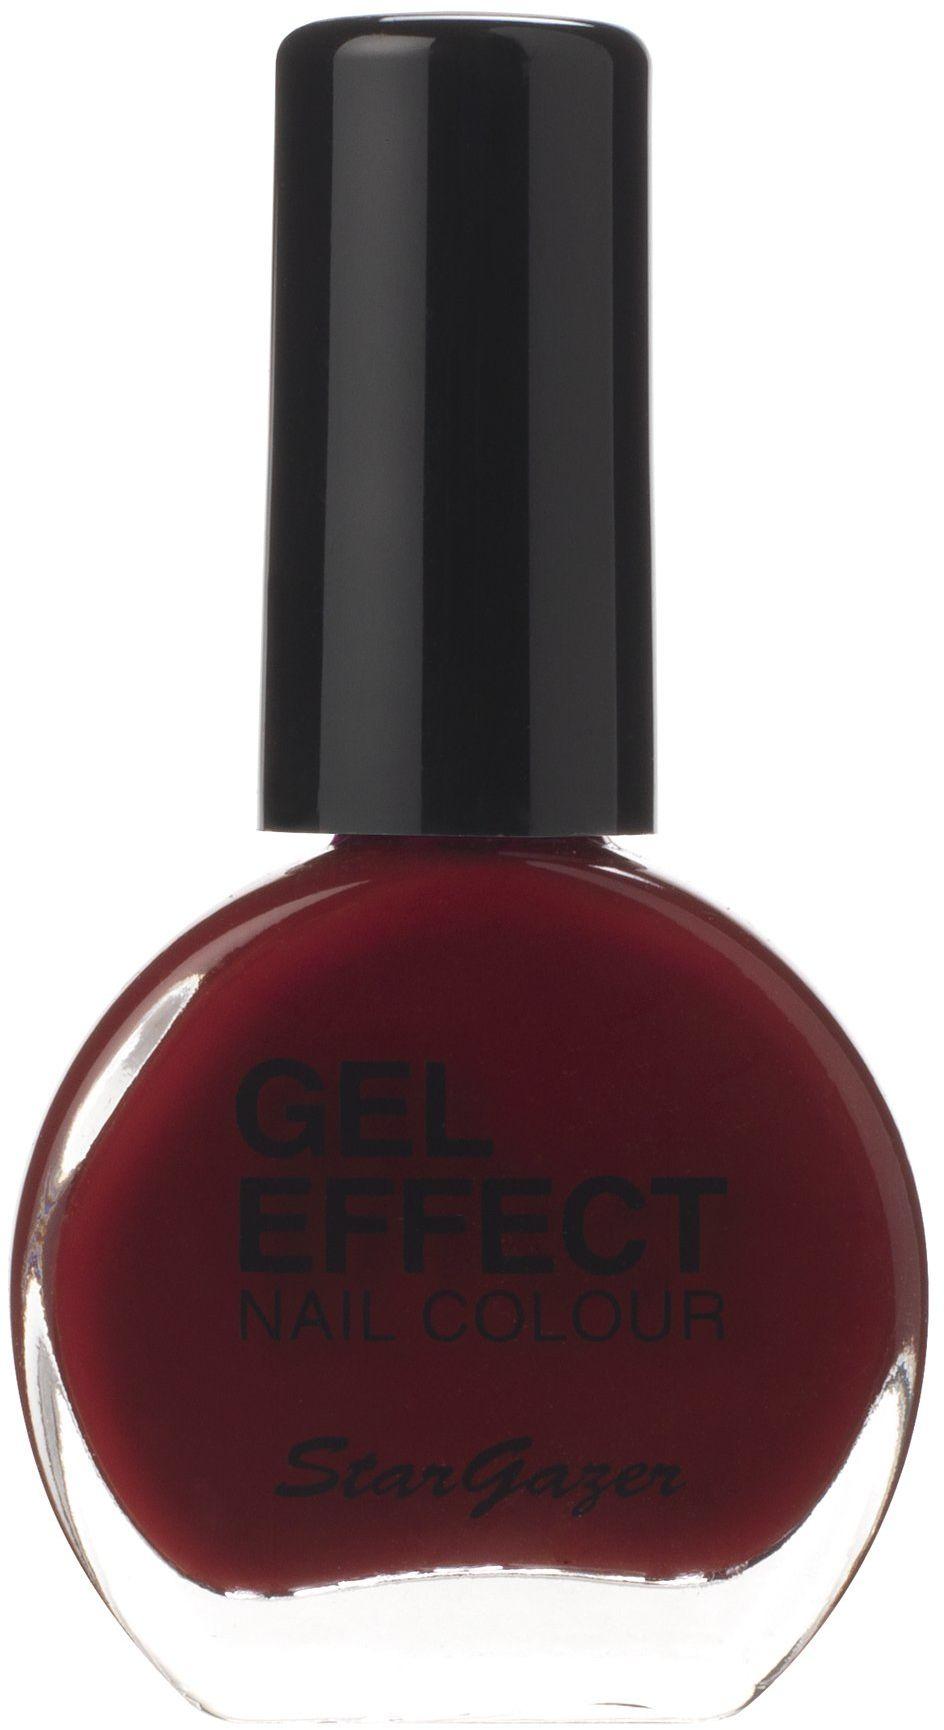 Stargazer Products Żel Effect lakier do paznokci - wampire, 1 opakowanie (1 x 10 ml)